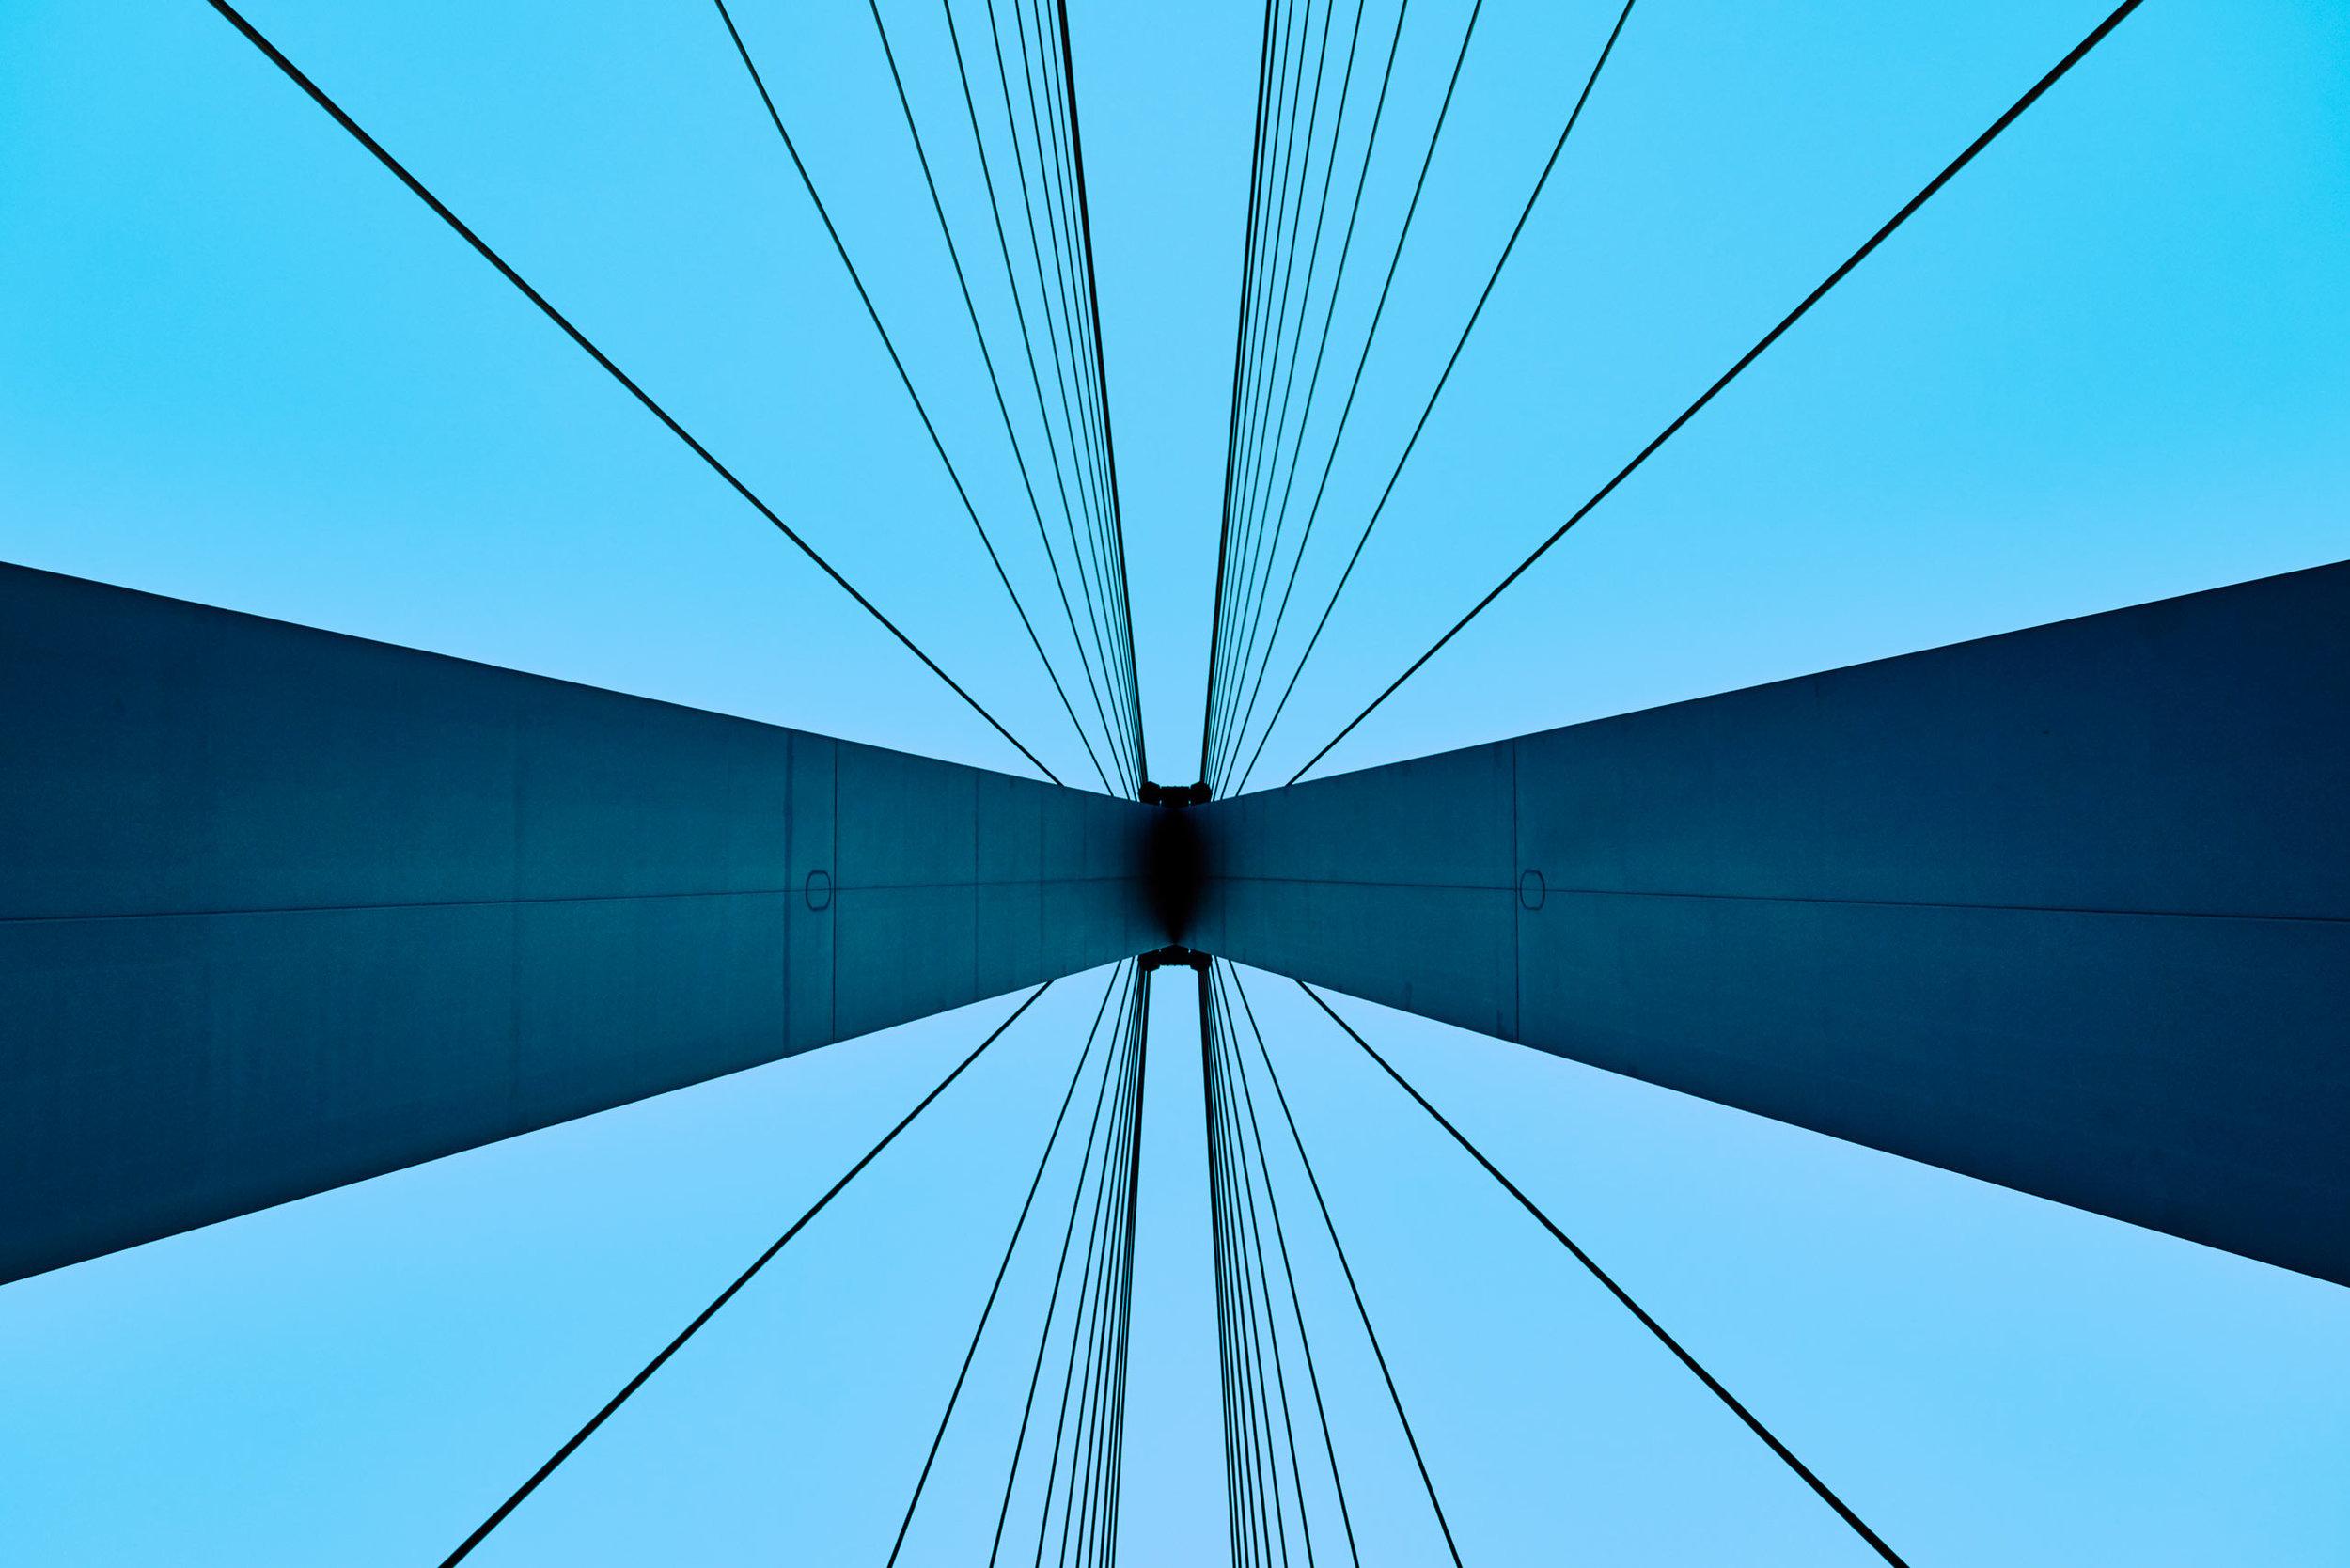 Jens Hannewald - Hochwertige und Professionelle Architektur- und Interieurfotografie aus Hamburg